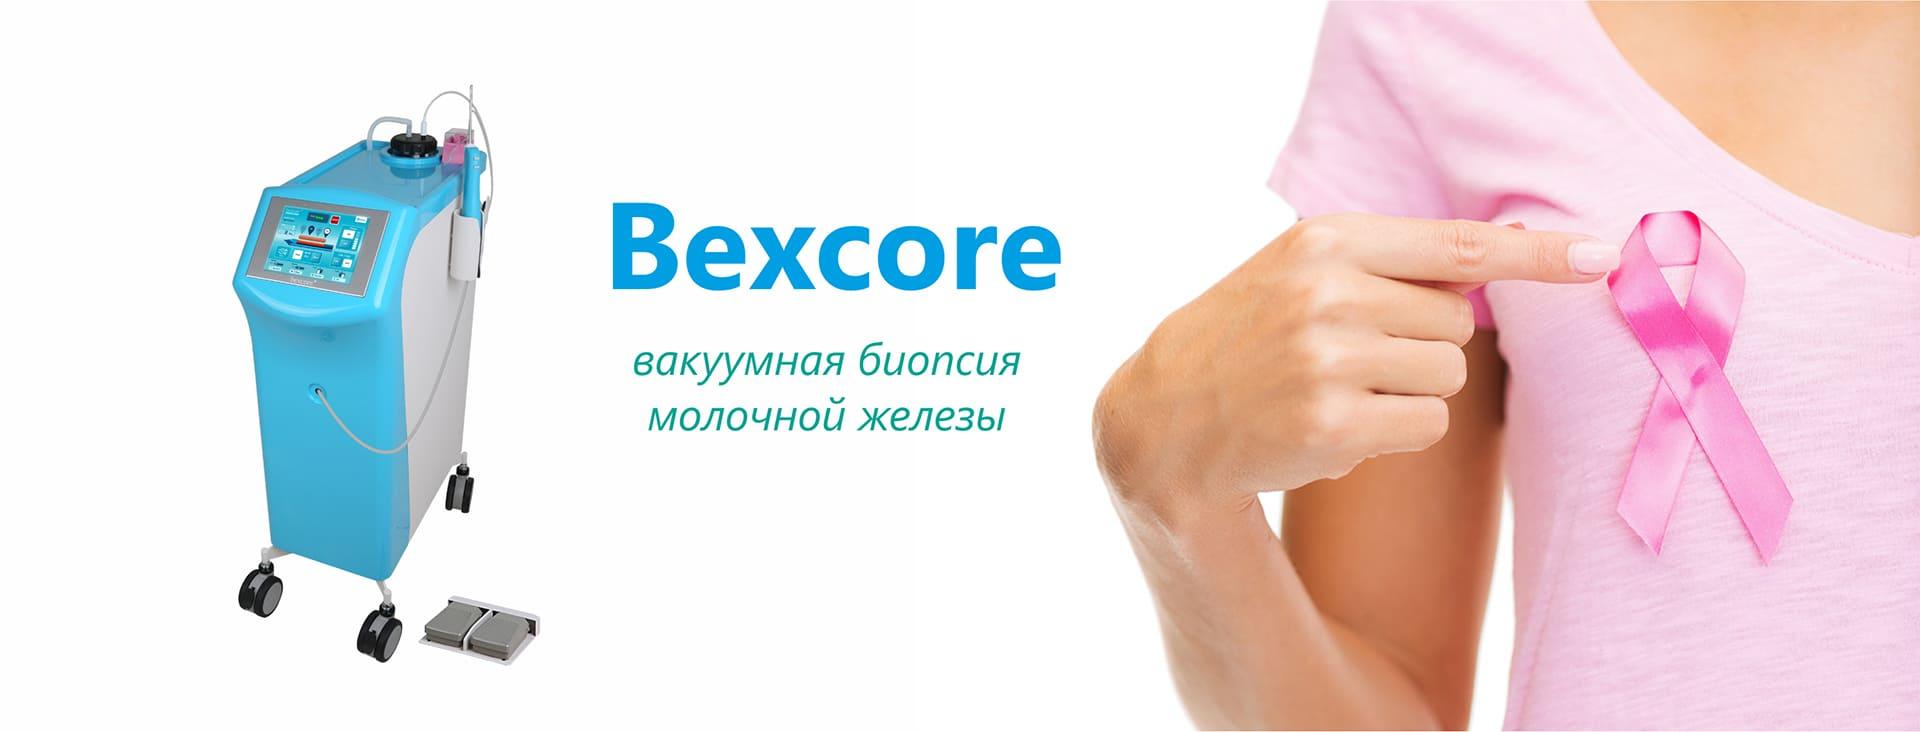 вакуумная биопсия молочной железы аппарат